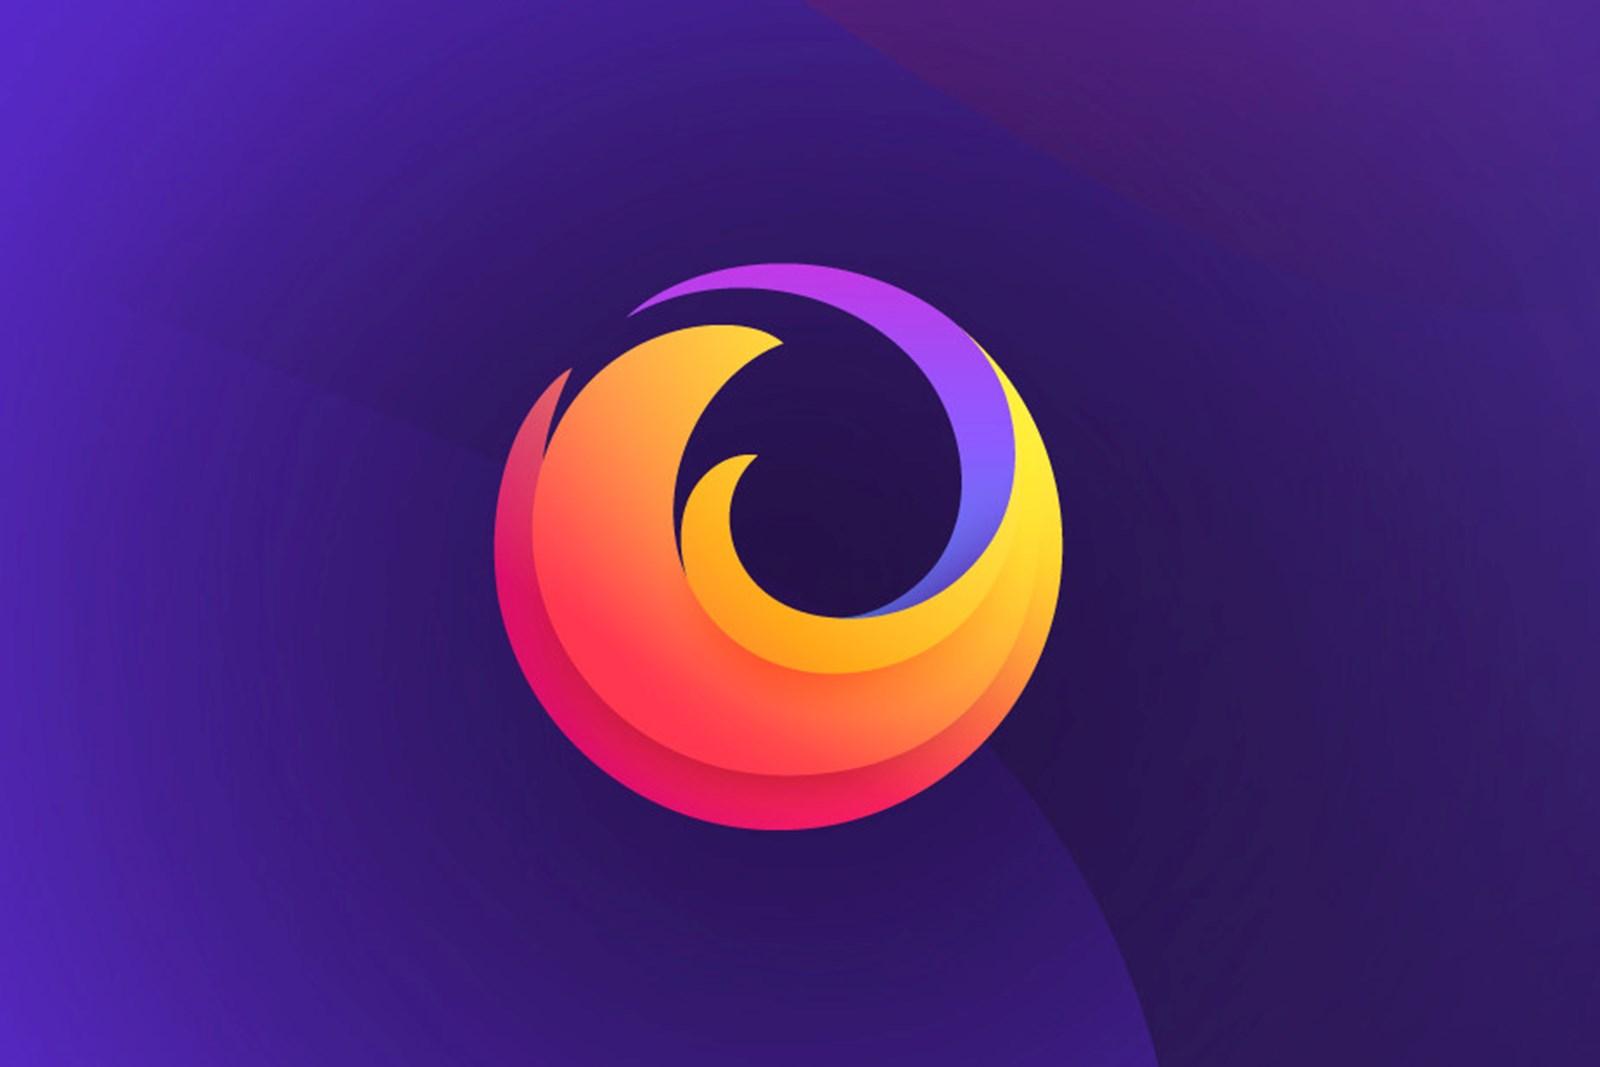 Firefox 68: Letzter Versionssprung für klassische Android-App mit Addon-Support